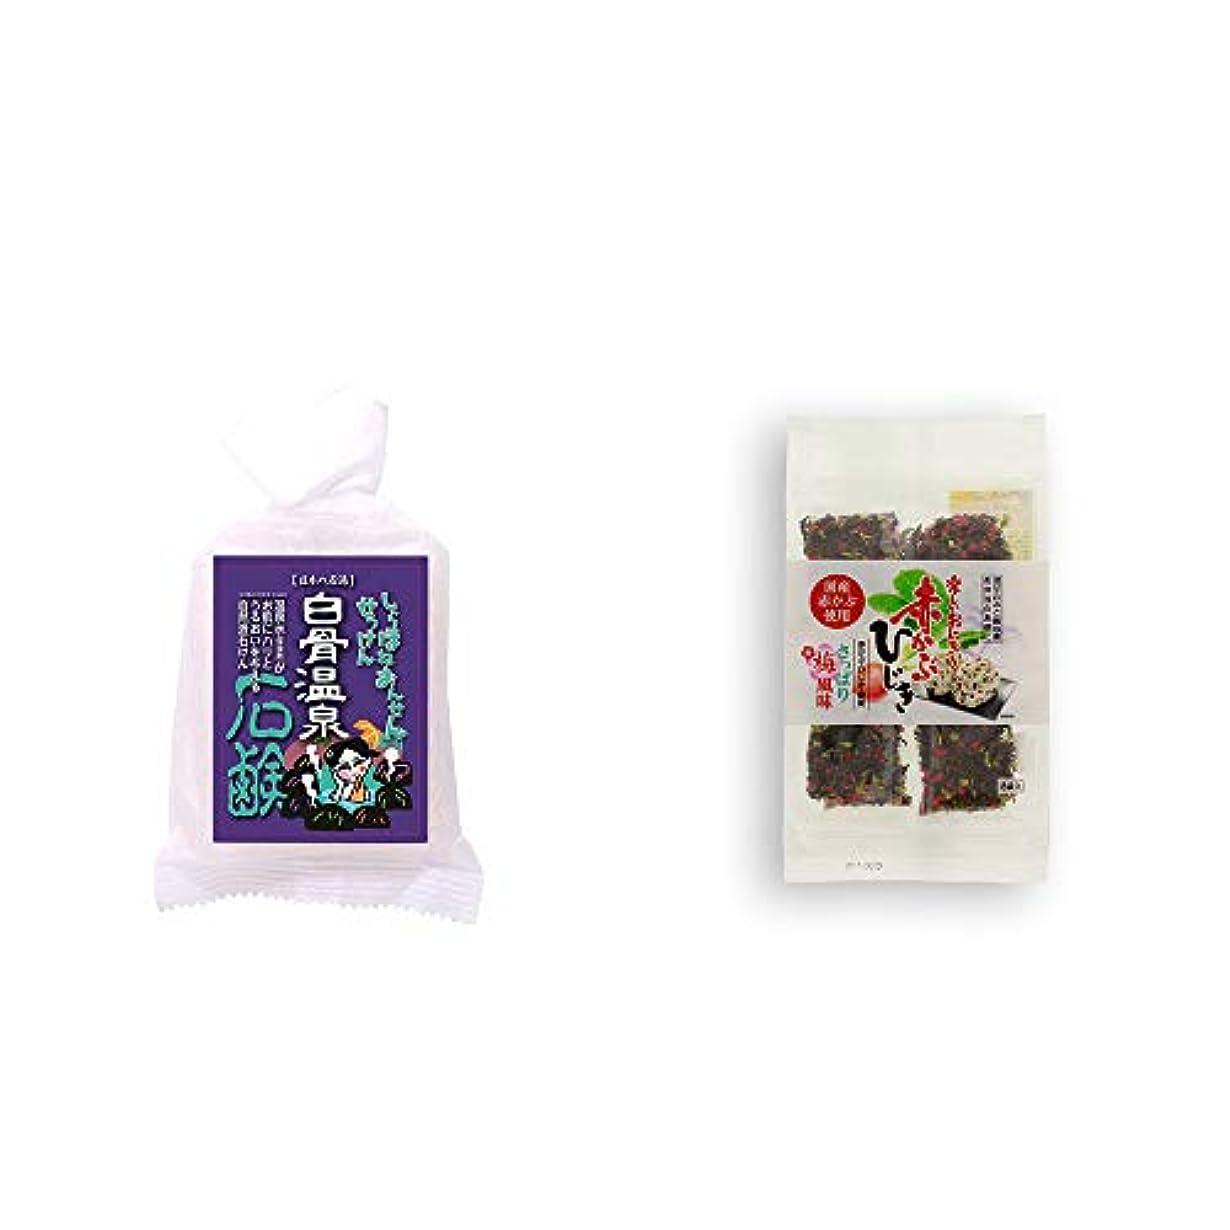 失敗アマゾンジャングル名目上の[2点セット] 信州 白骨温泉石鹸(80g)?楽しいおにぎり 赤かぶひじき(8g×8袋)